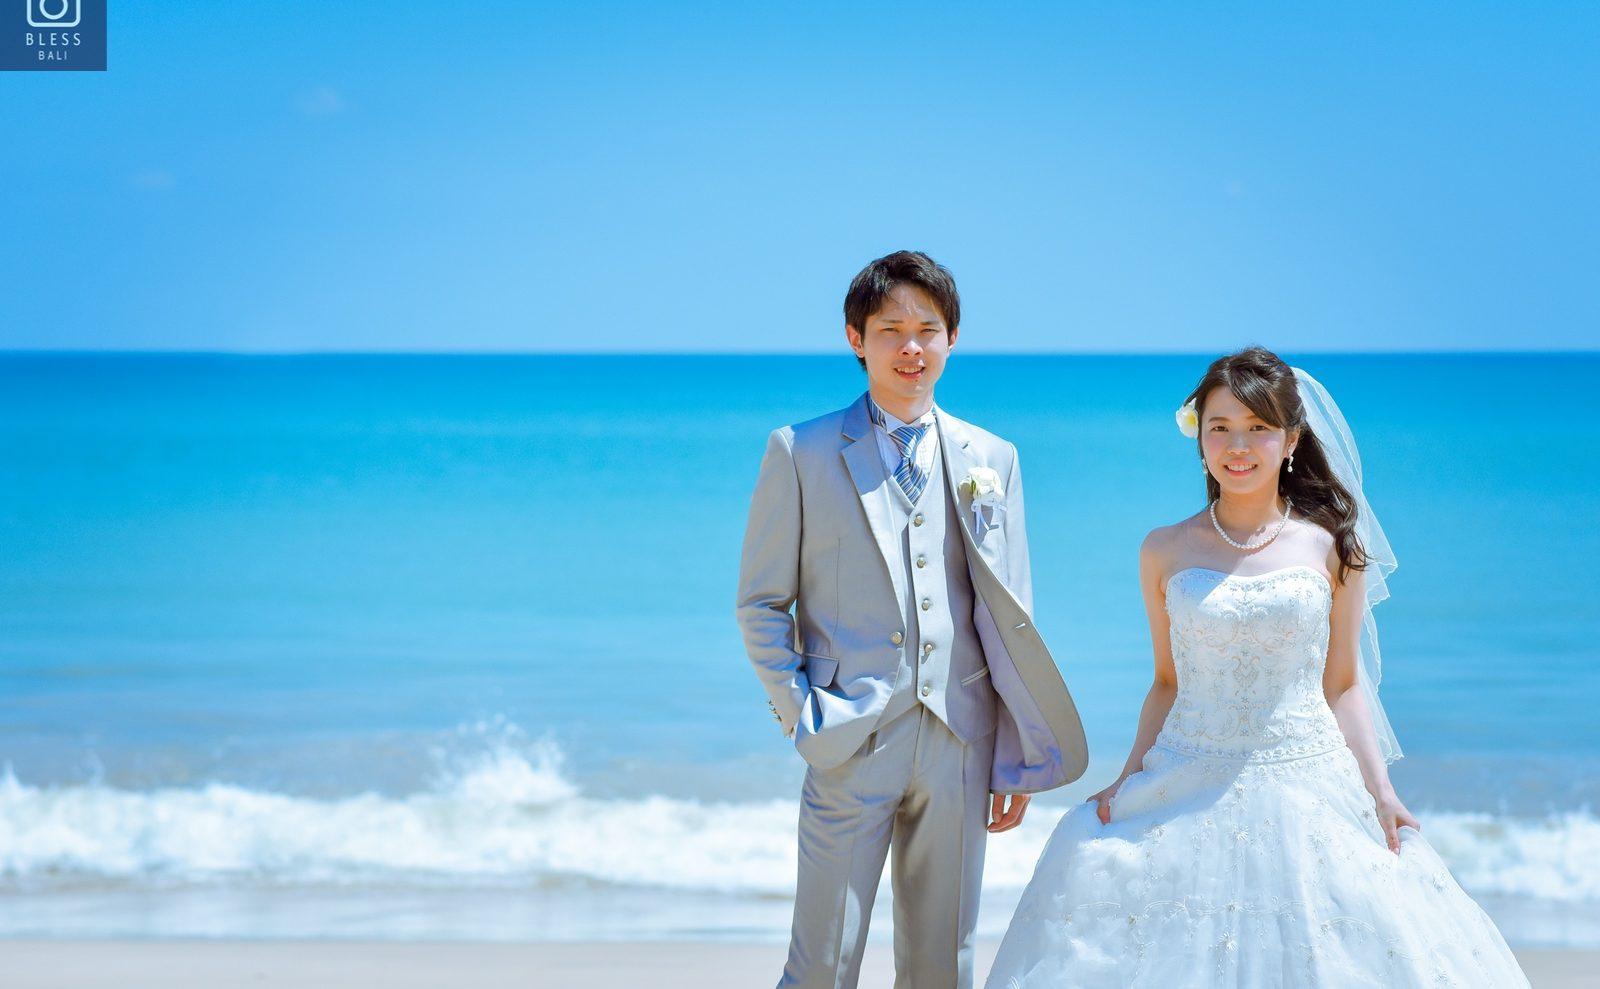 【お客様レポ#214】SAORI撮影!快晴のジンバランビーチでフォトウェディング C&T様